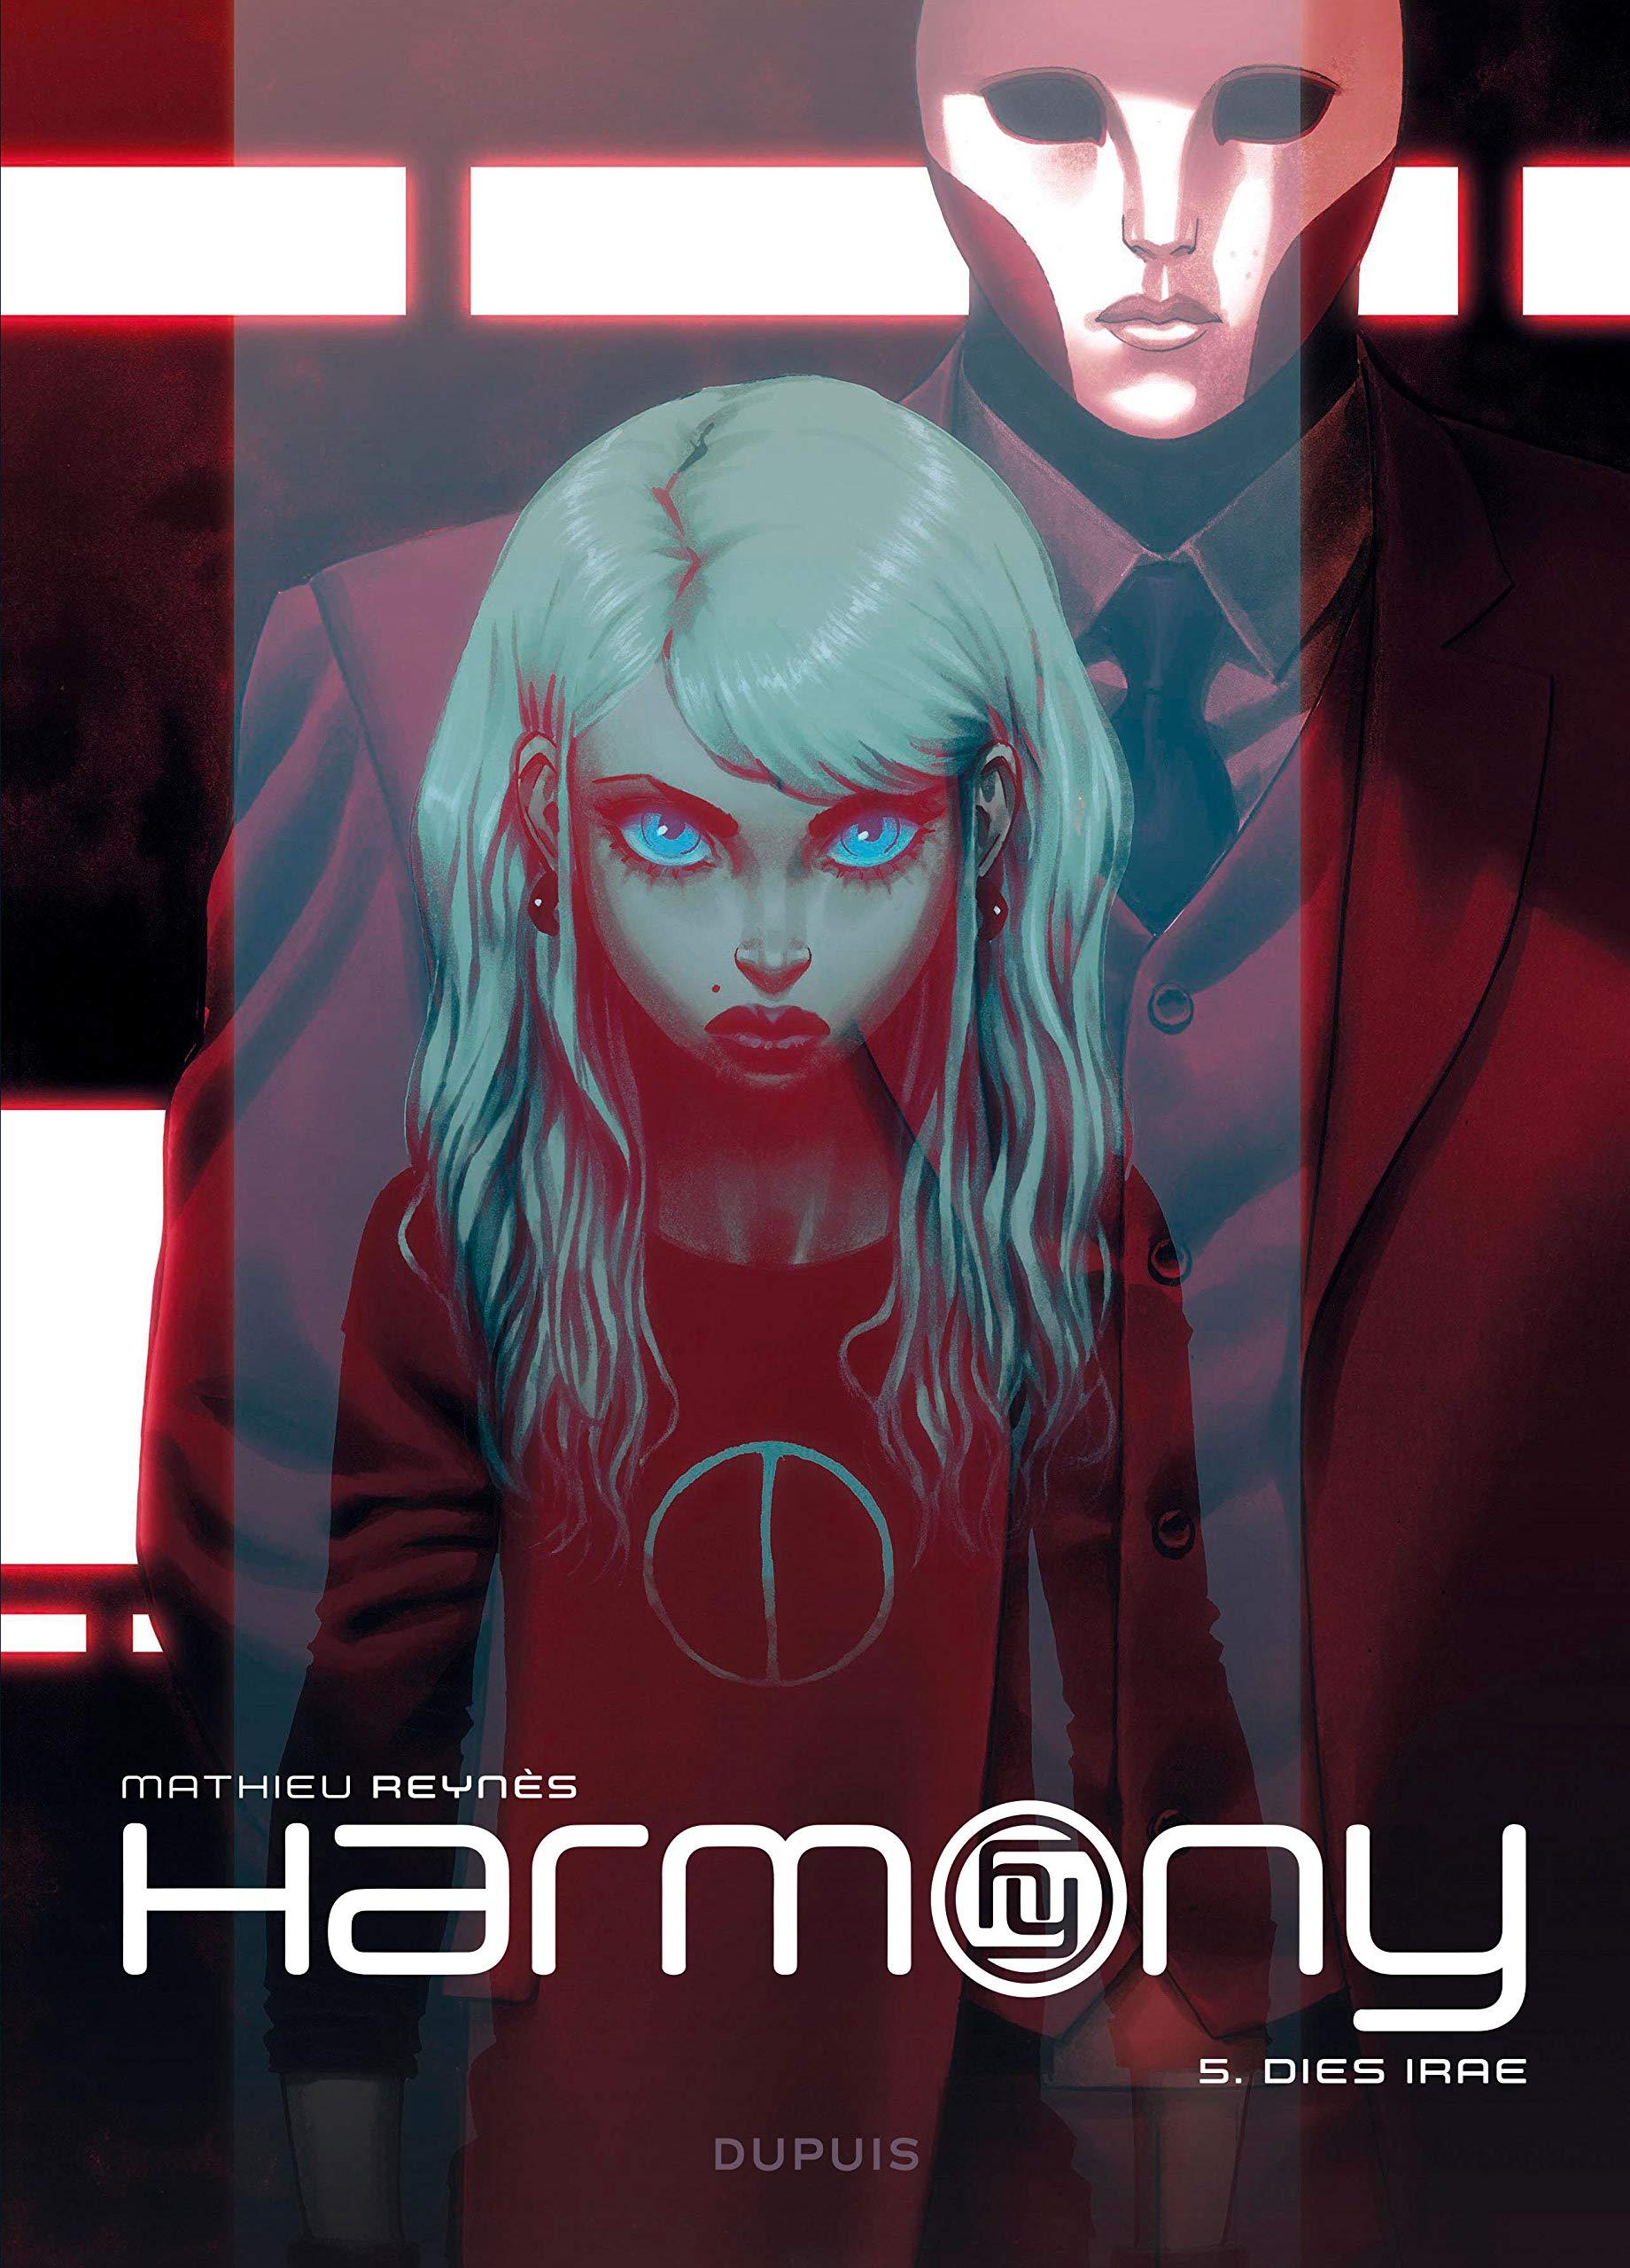 Harmony 5 - Dies Irae